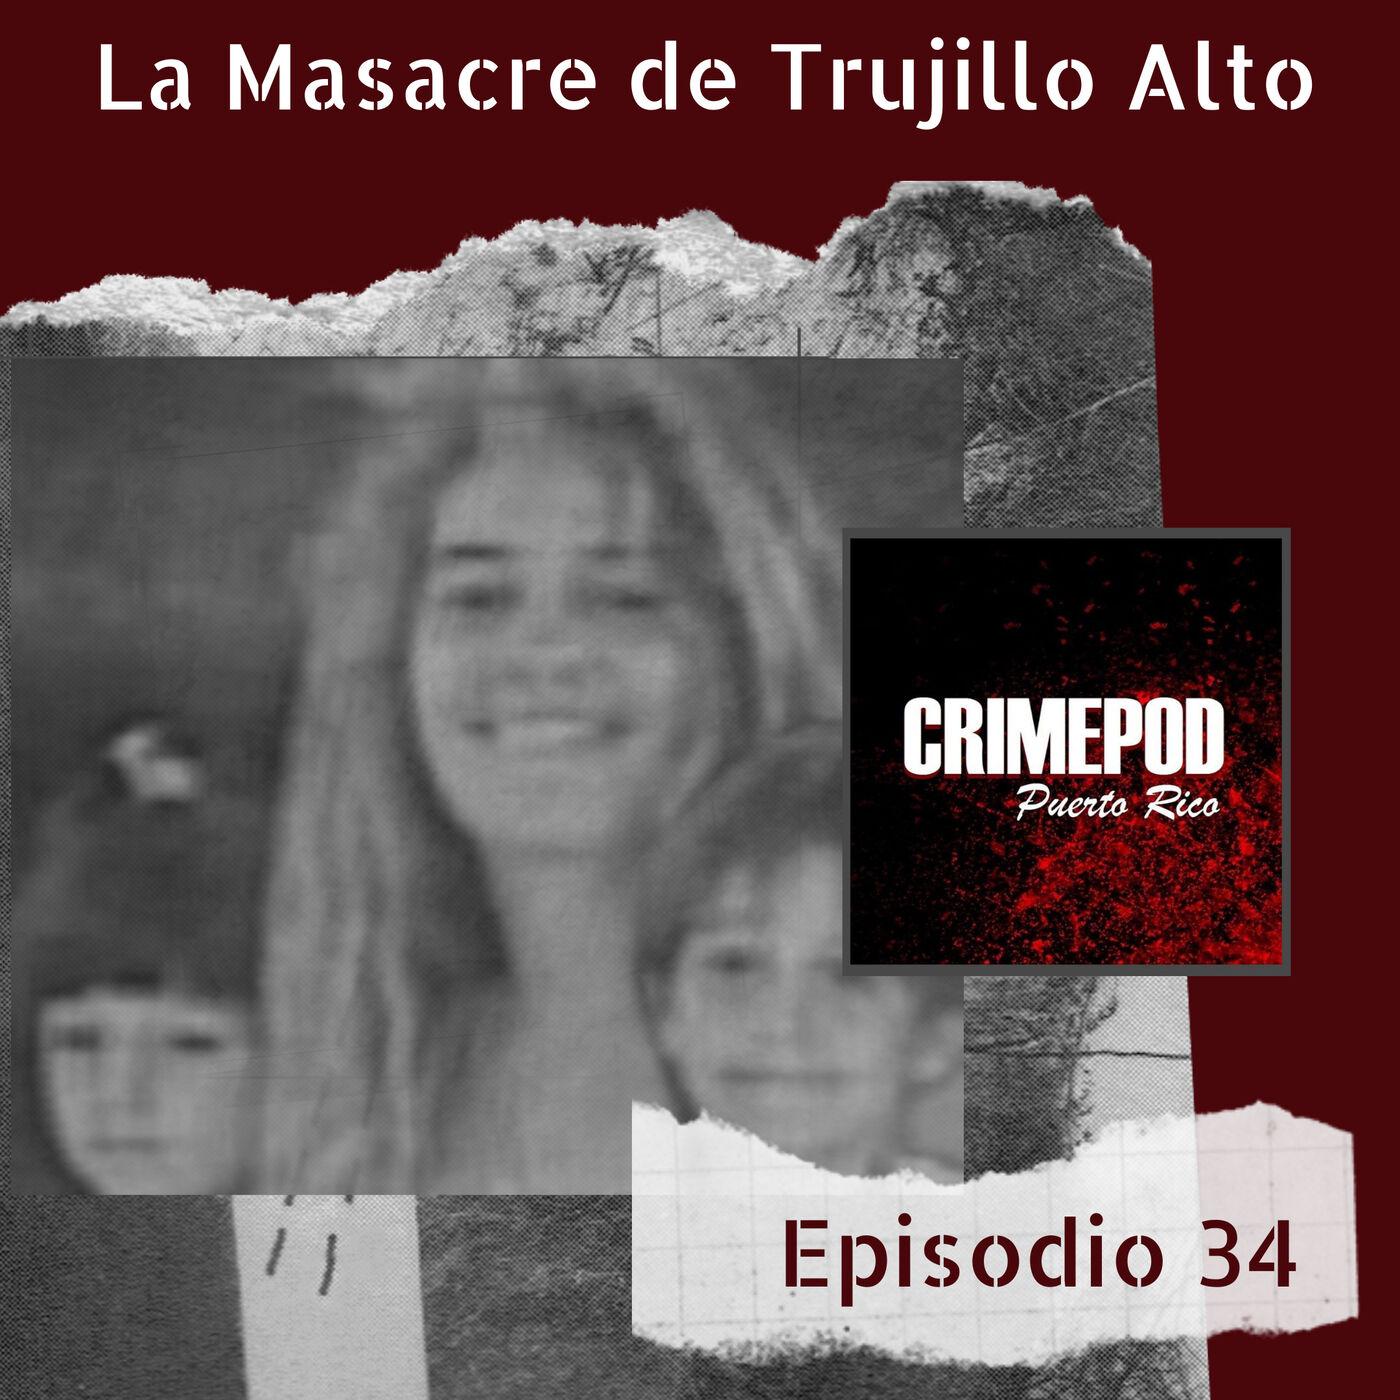 La Masacre de Trujillo Alto